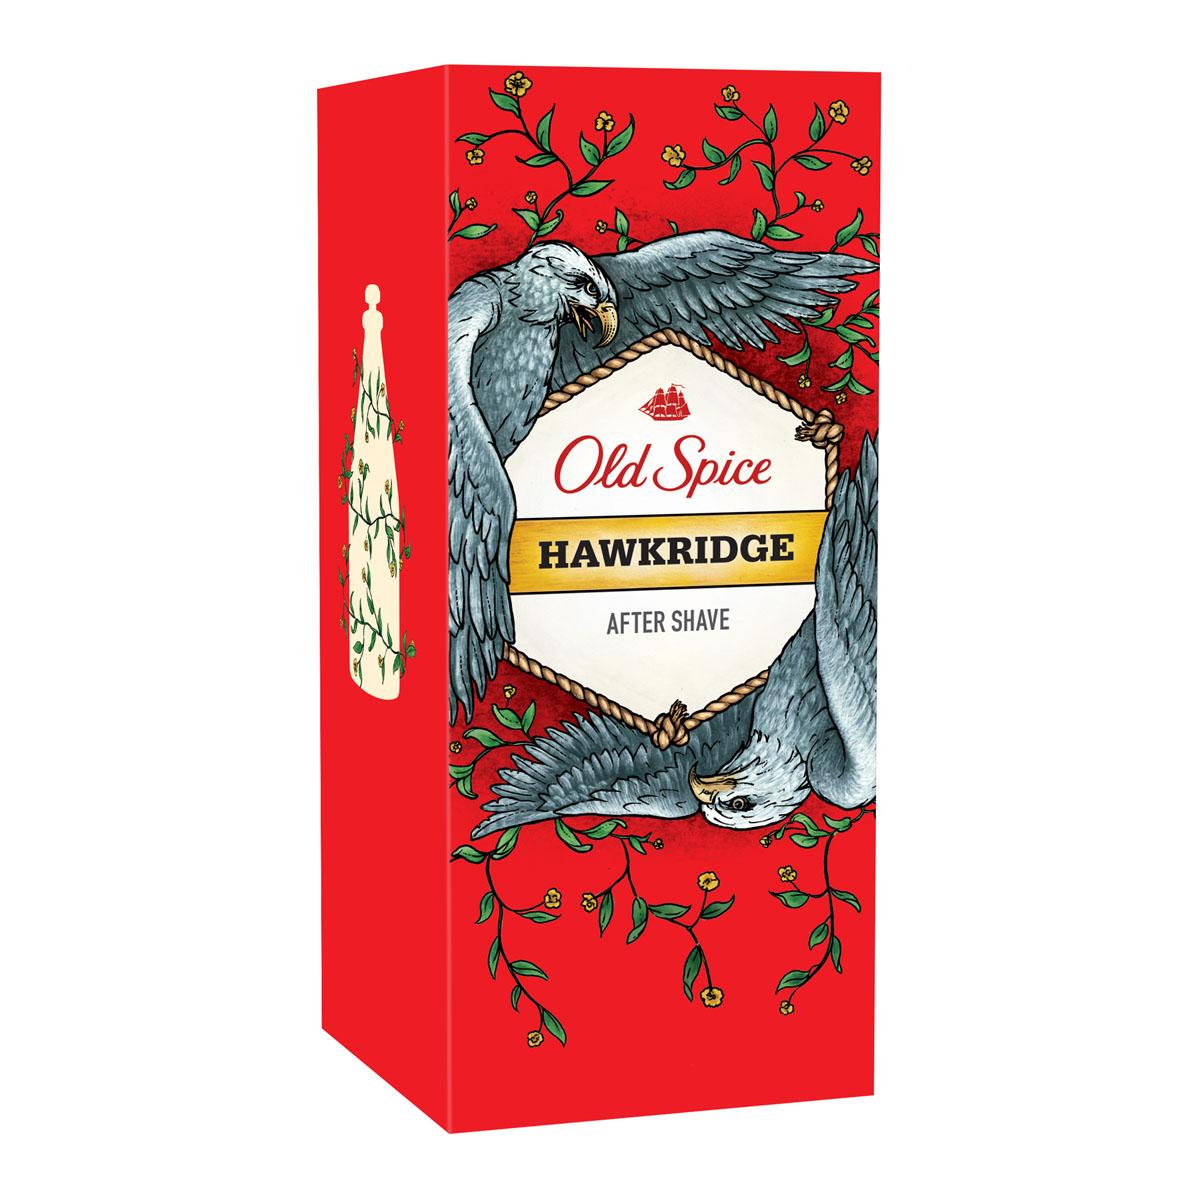 Old Spice Лосьон после бритья Hawkridge, 100млOS-81390702Лосьон после бритья Old Spice Hawkridge с бодрящим ароматом пробуждает чувства и наполняет ваш день ощущением свежести. Великолепный аромат предназначен только для настоящих мужчин.